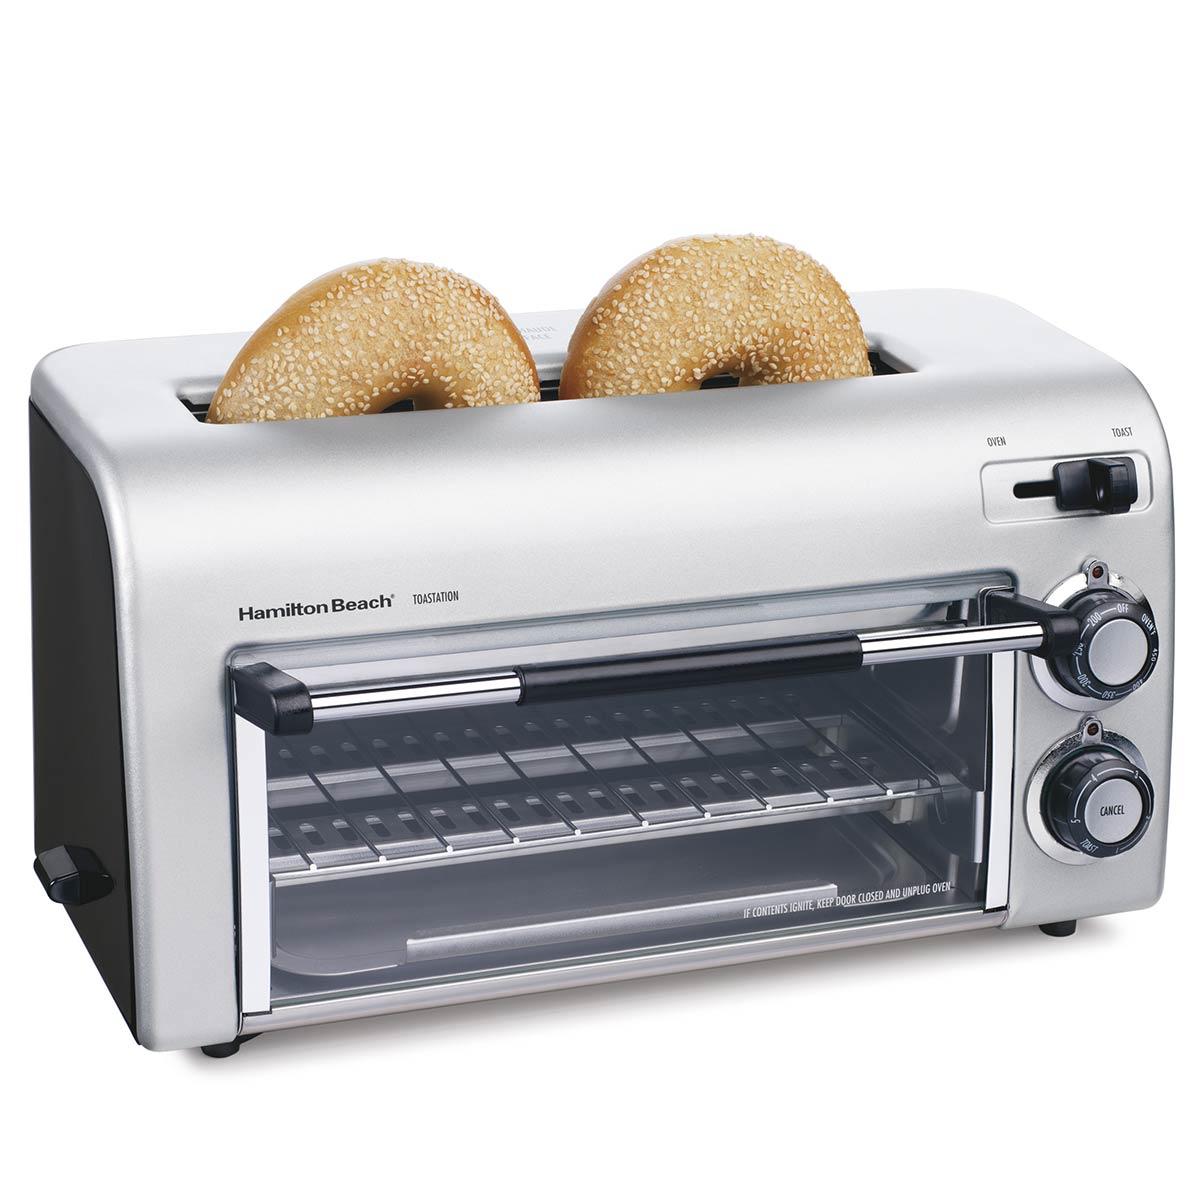 Toastation® II Toaster & Oven (22709)